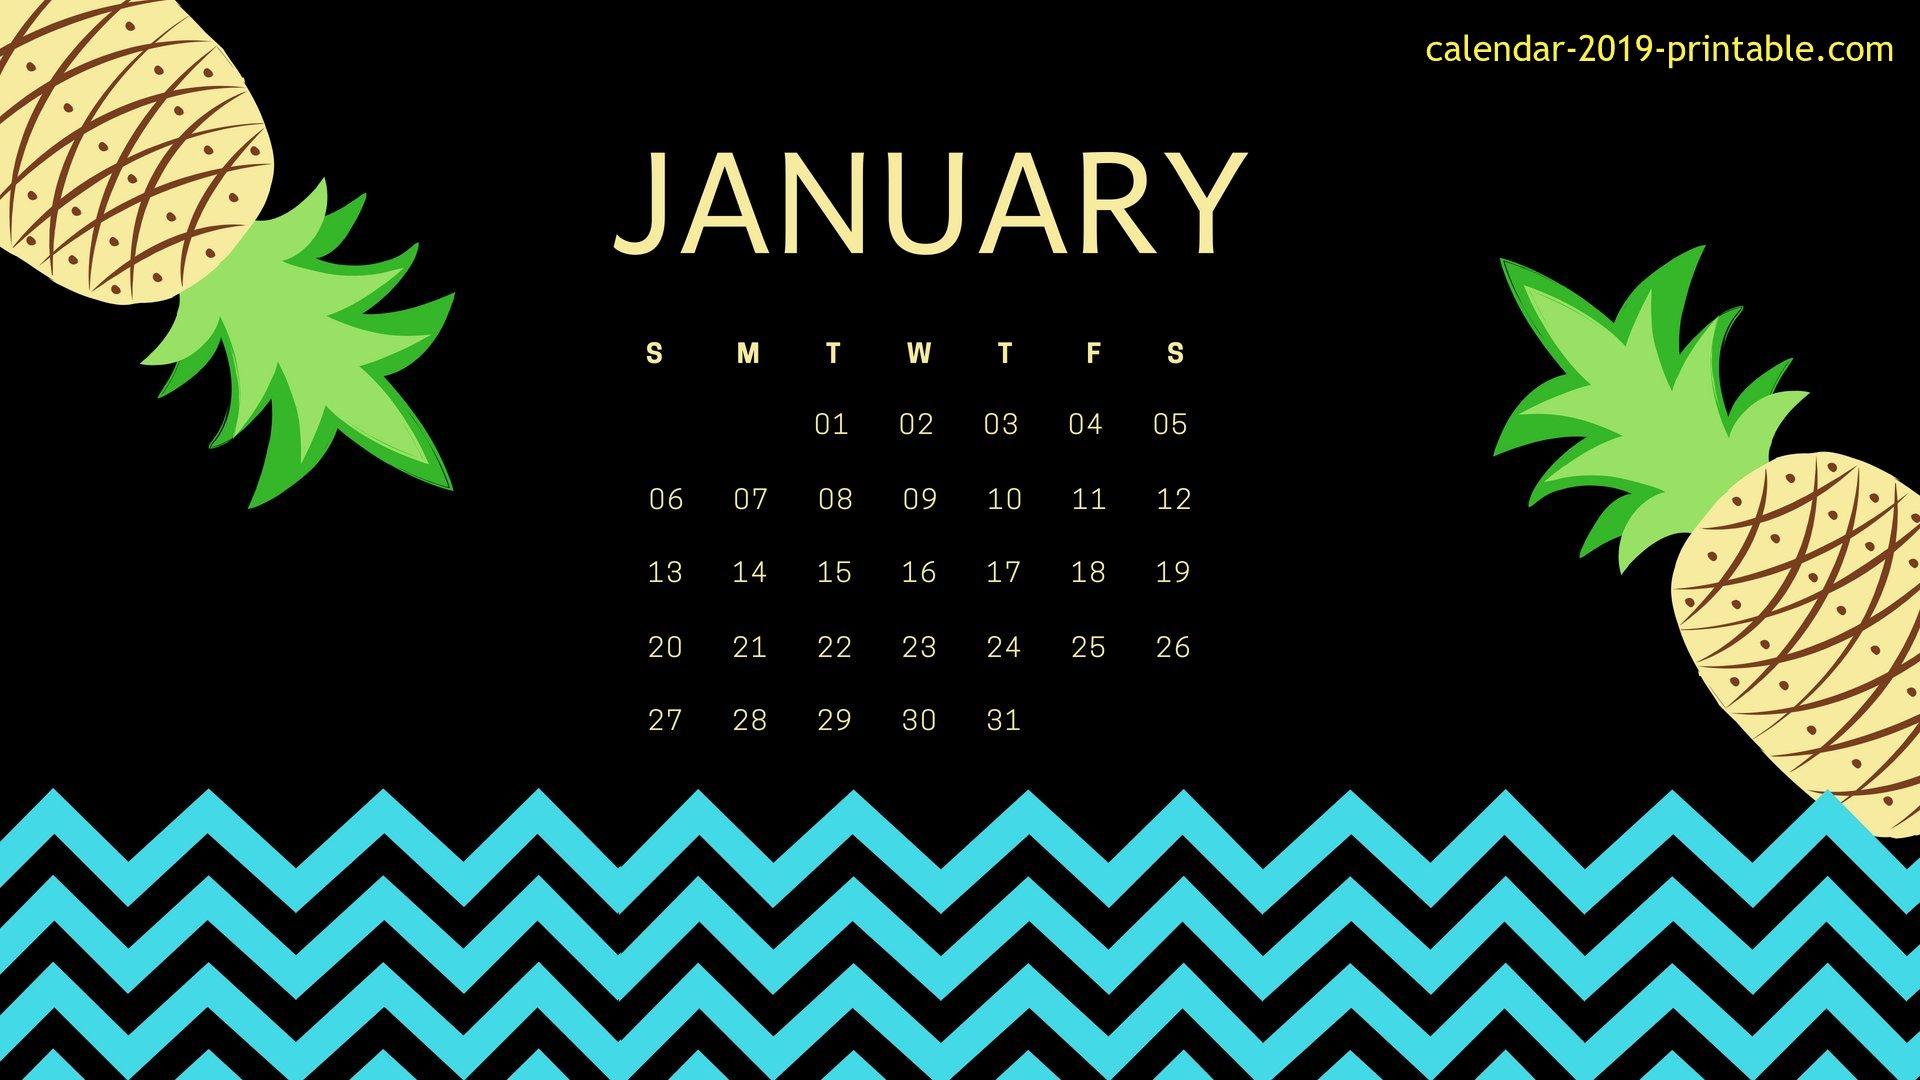 January 2019 Calendar Desktop Wallpapers Calendar 2019 1920x1080